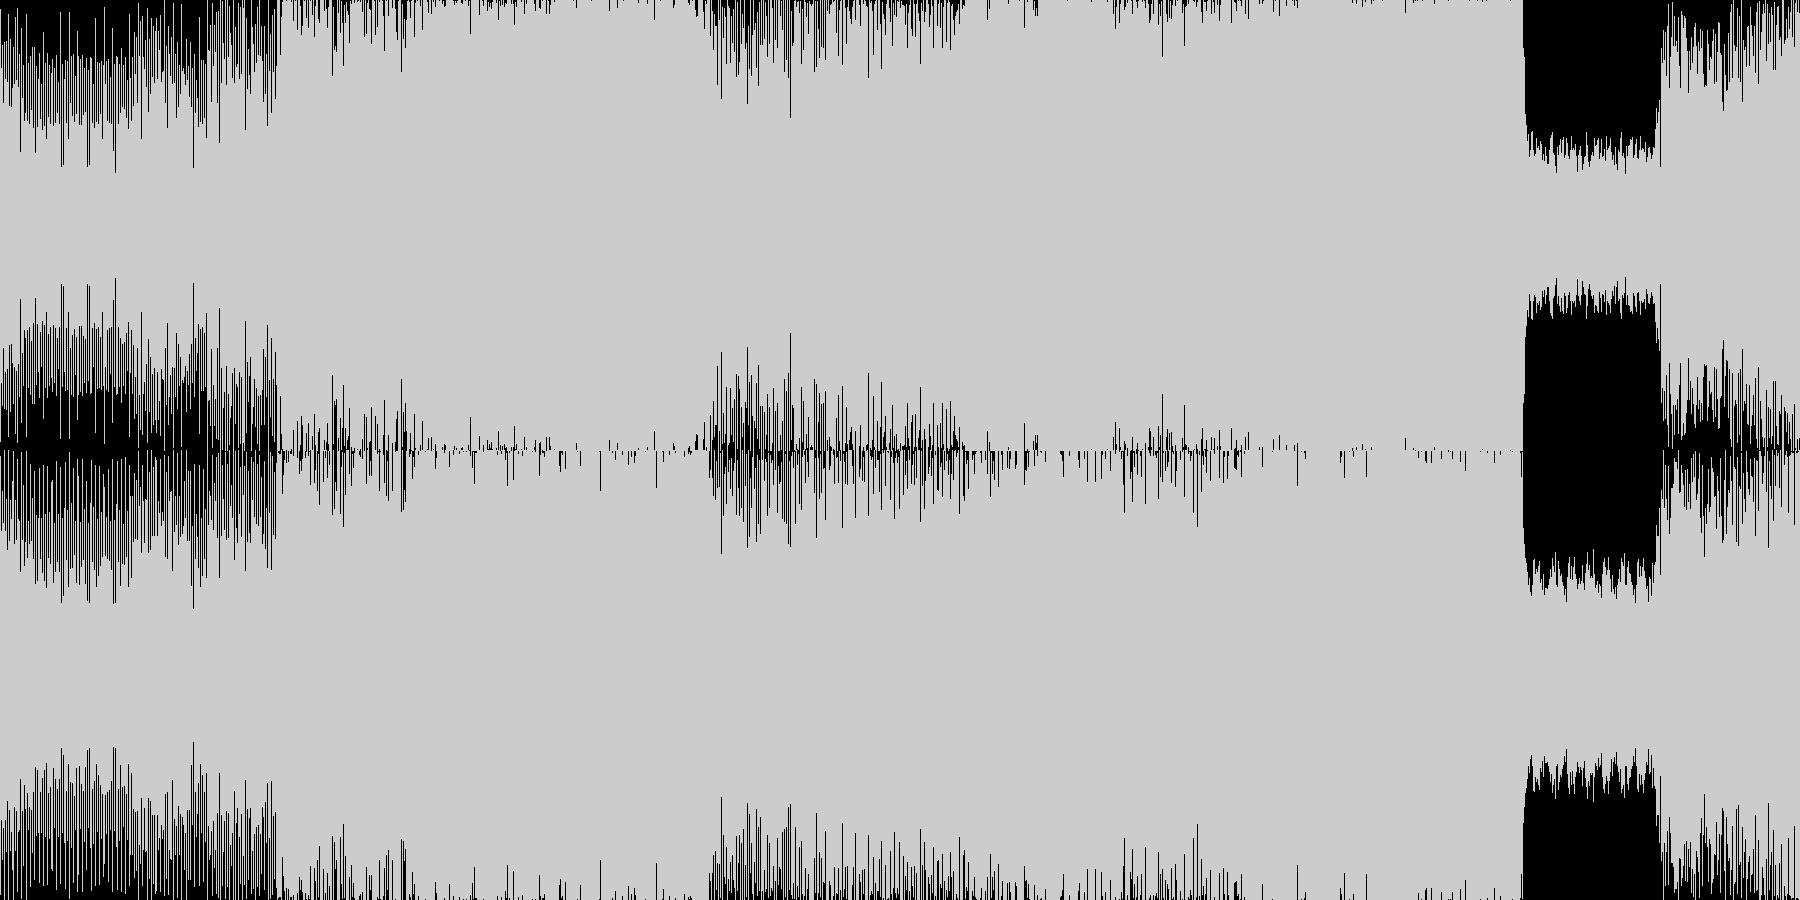 高地の空気のケルト的ブレイクス■ループ可の未再生の波形